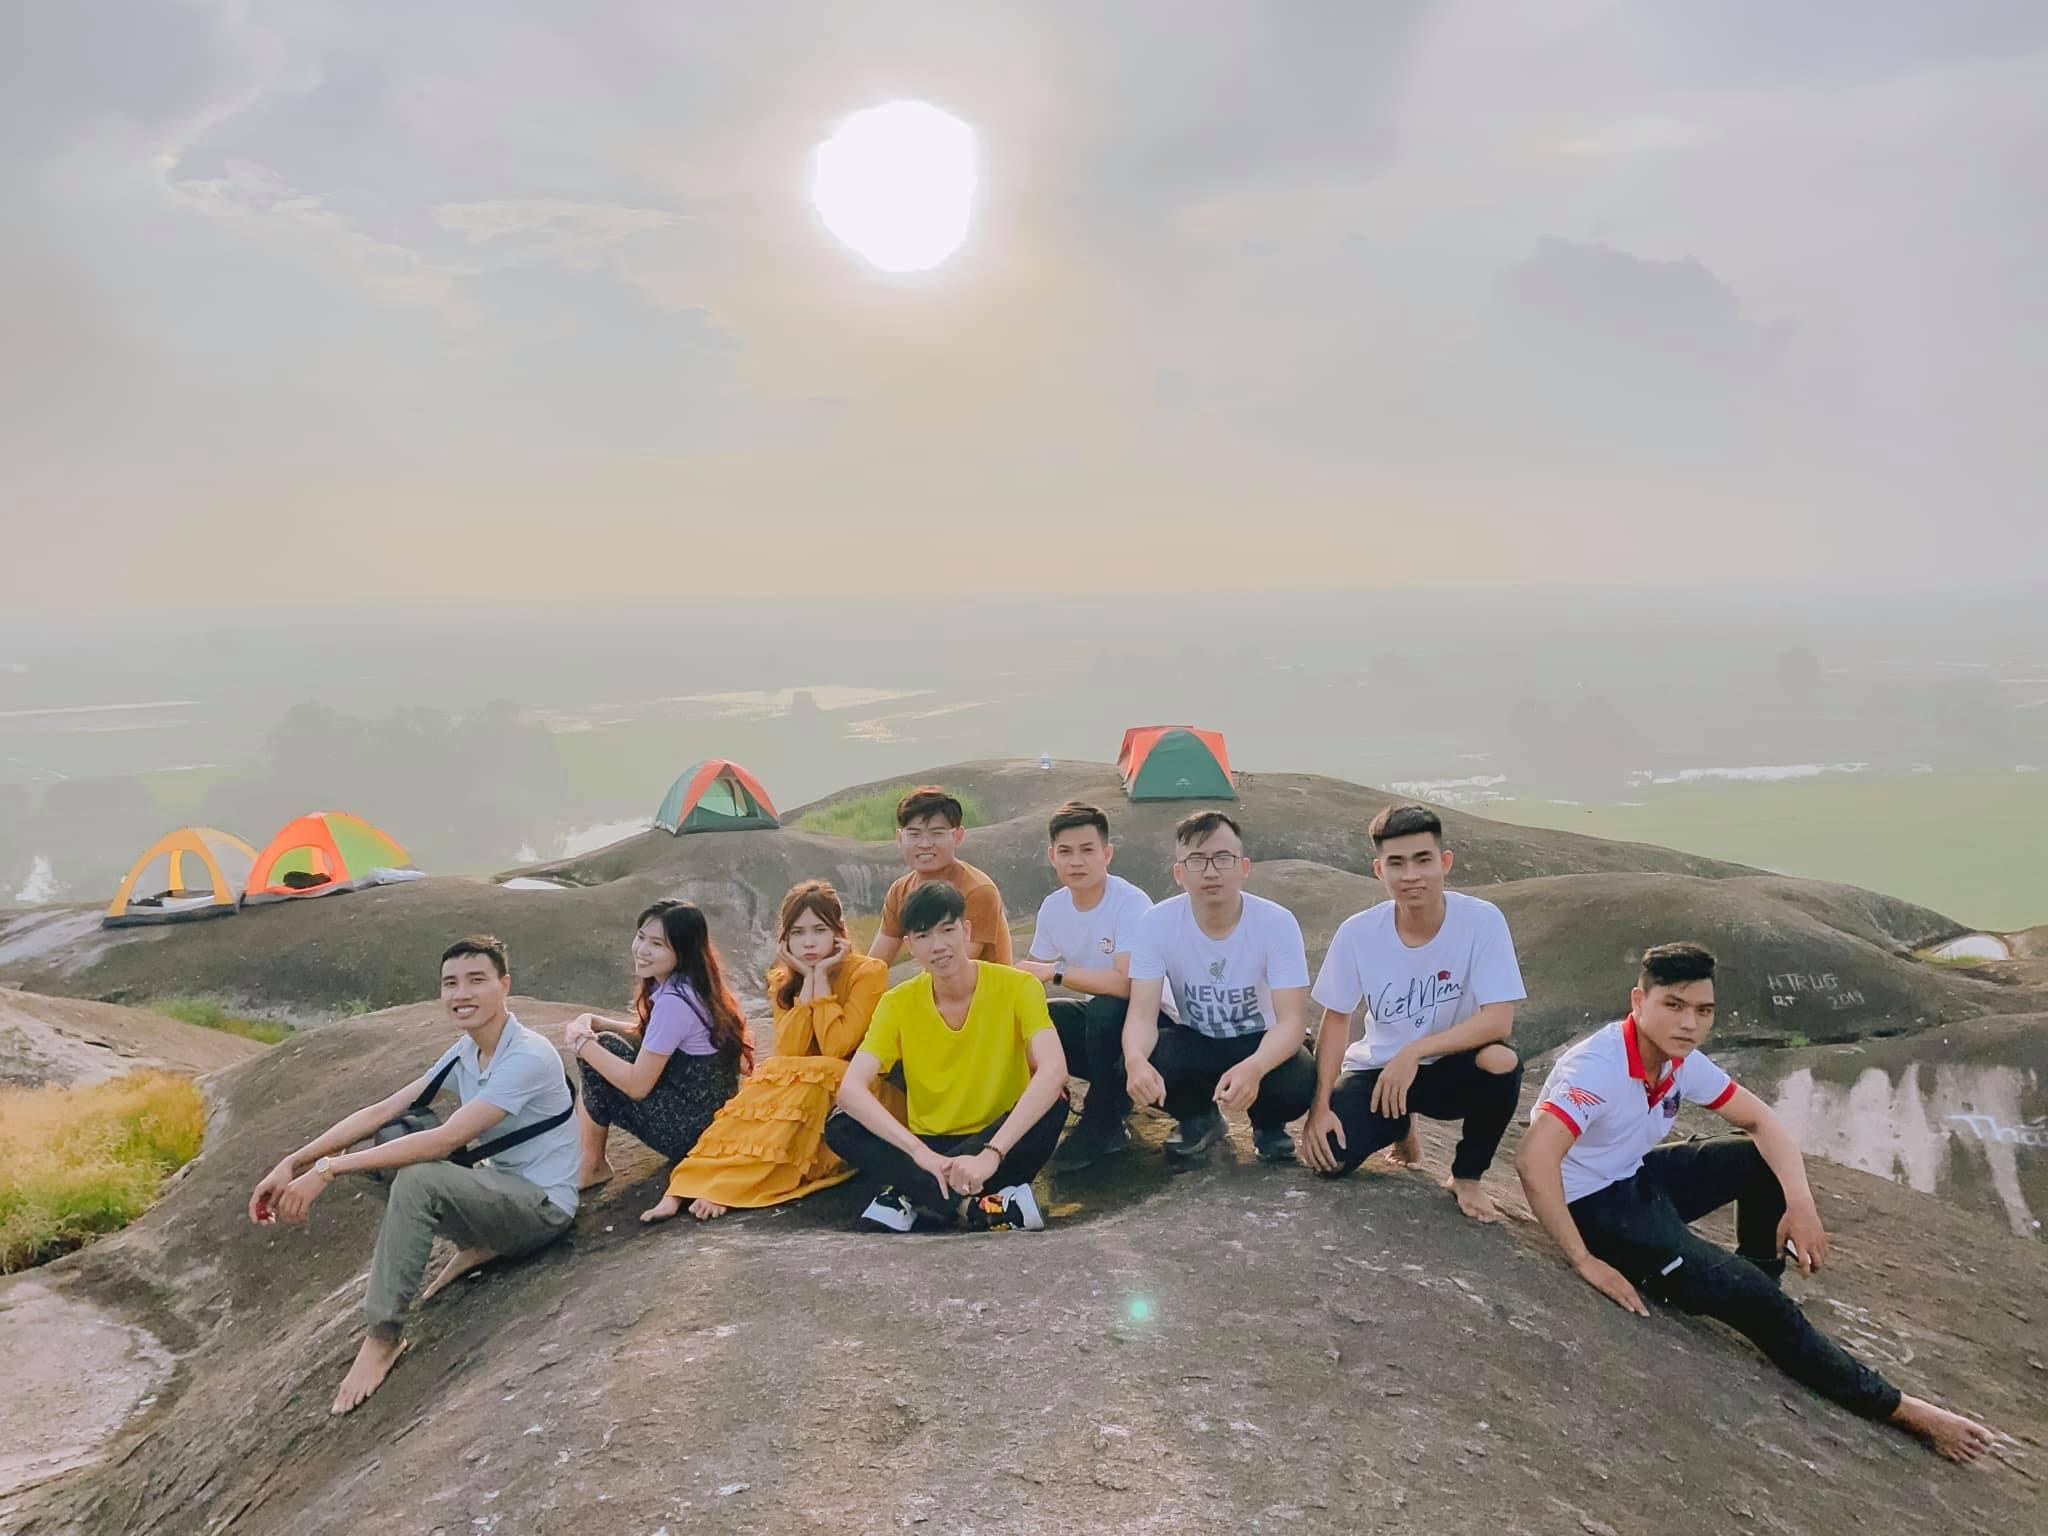 Khám phá đá Chữ Thập, địa điểm dã ngoại lí tưởng quanh khu vực Sài Gòn - Ảnh 10.